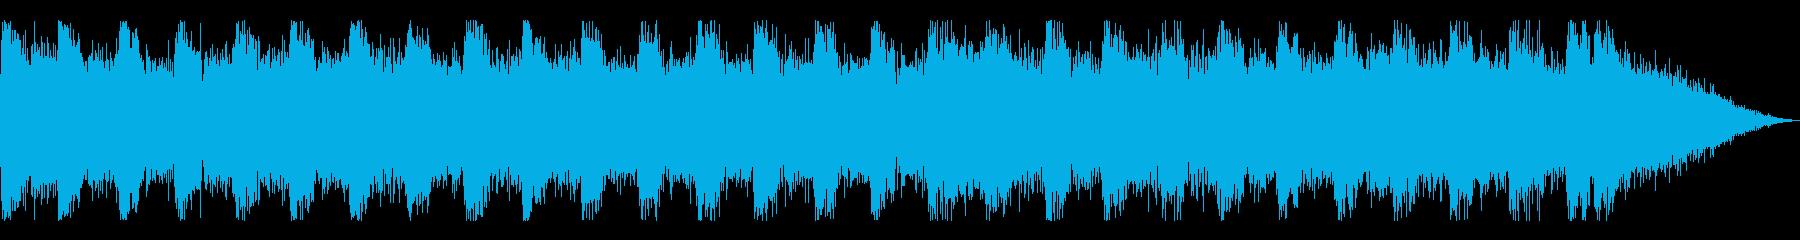 デジタルサウンドが印象なダンスロックの再生済みの波形